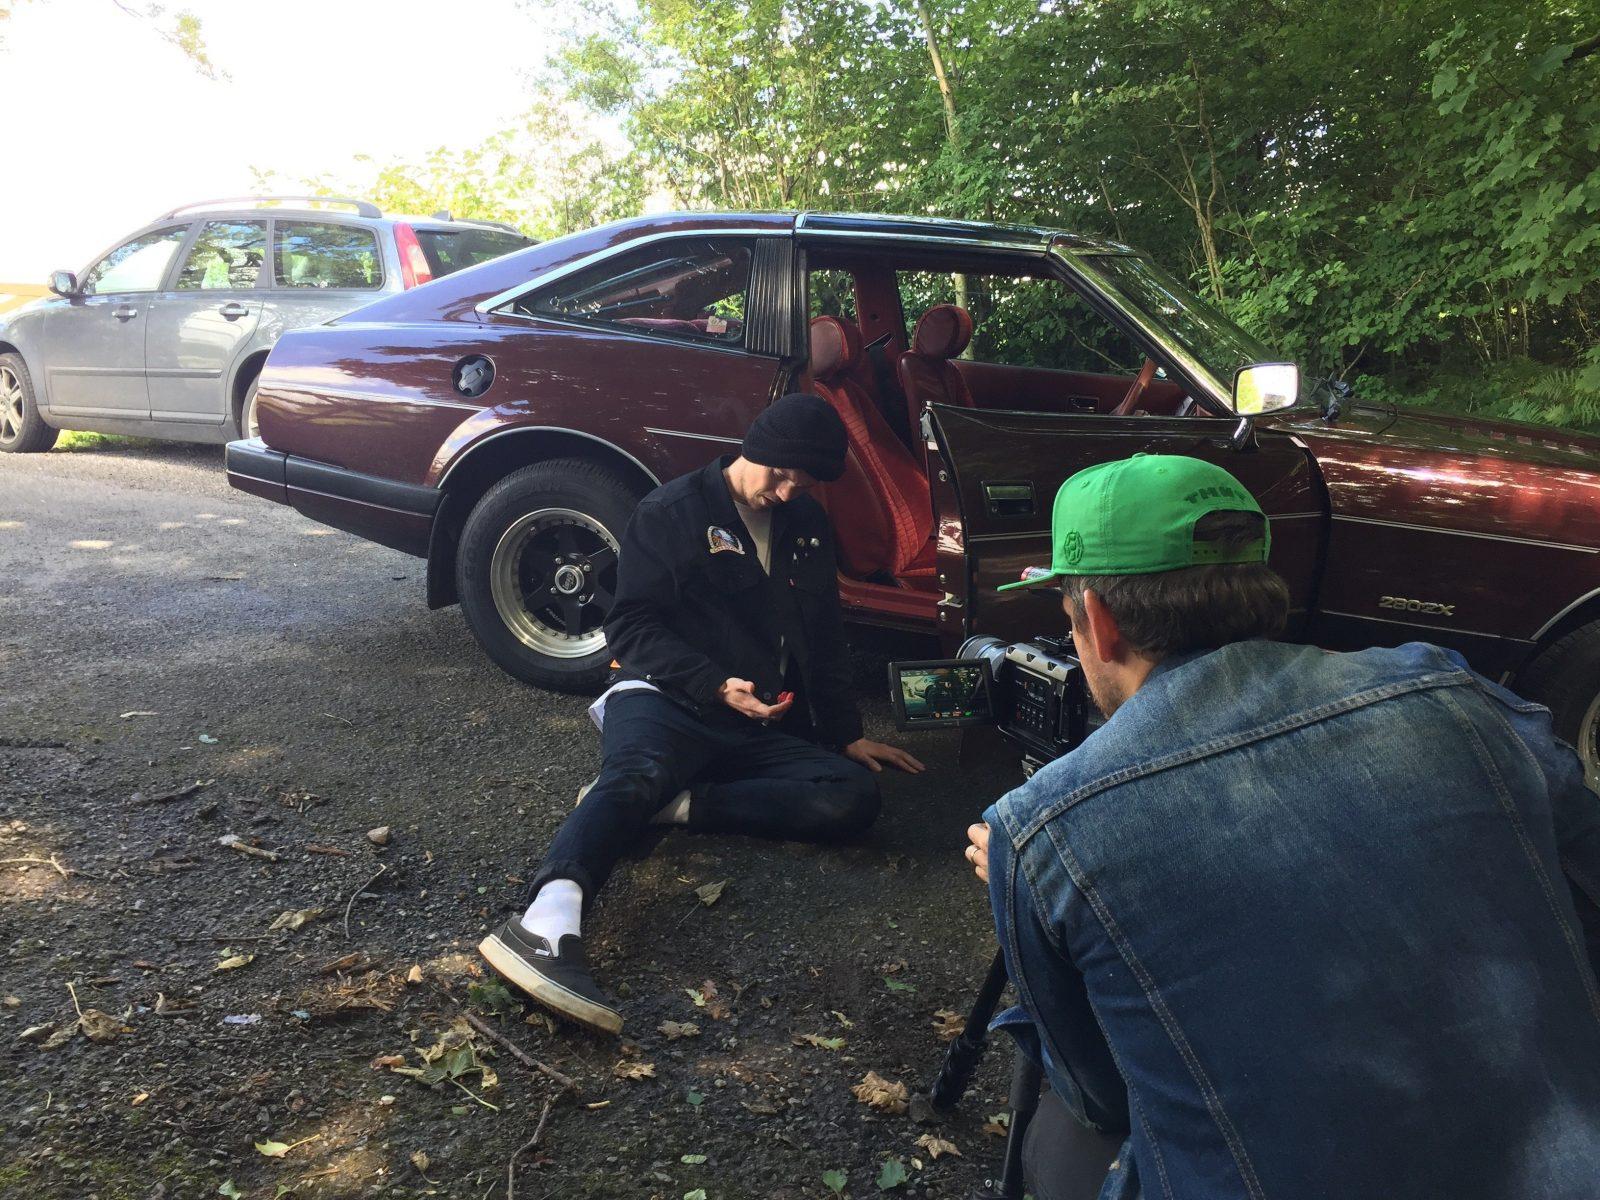 Behind the scenes with Dan Bettridge filming the 'Blame' video